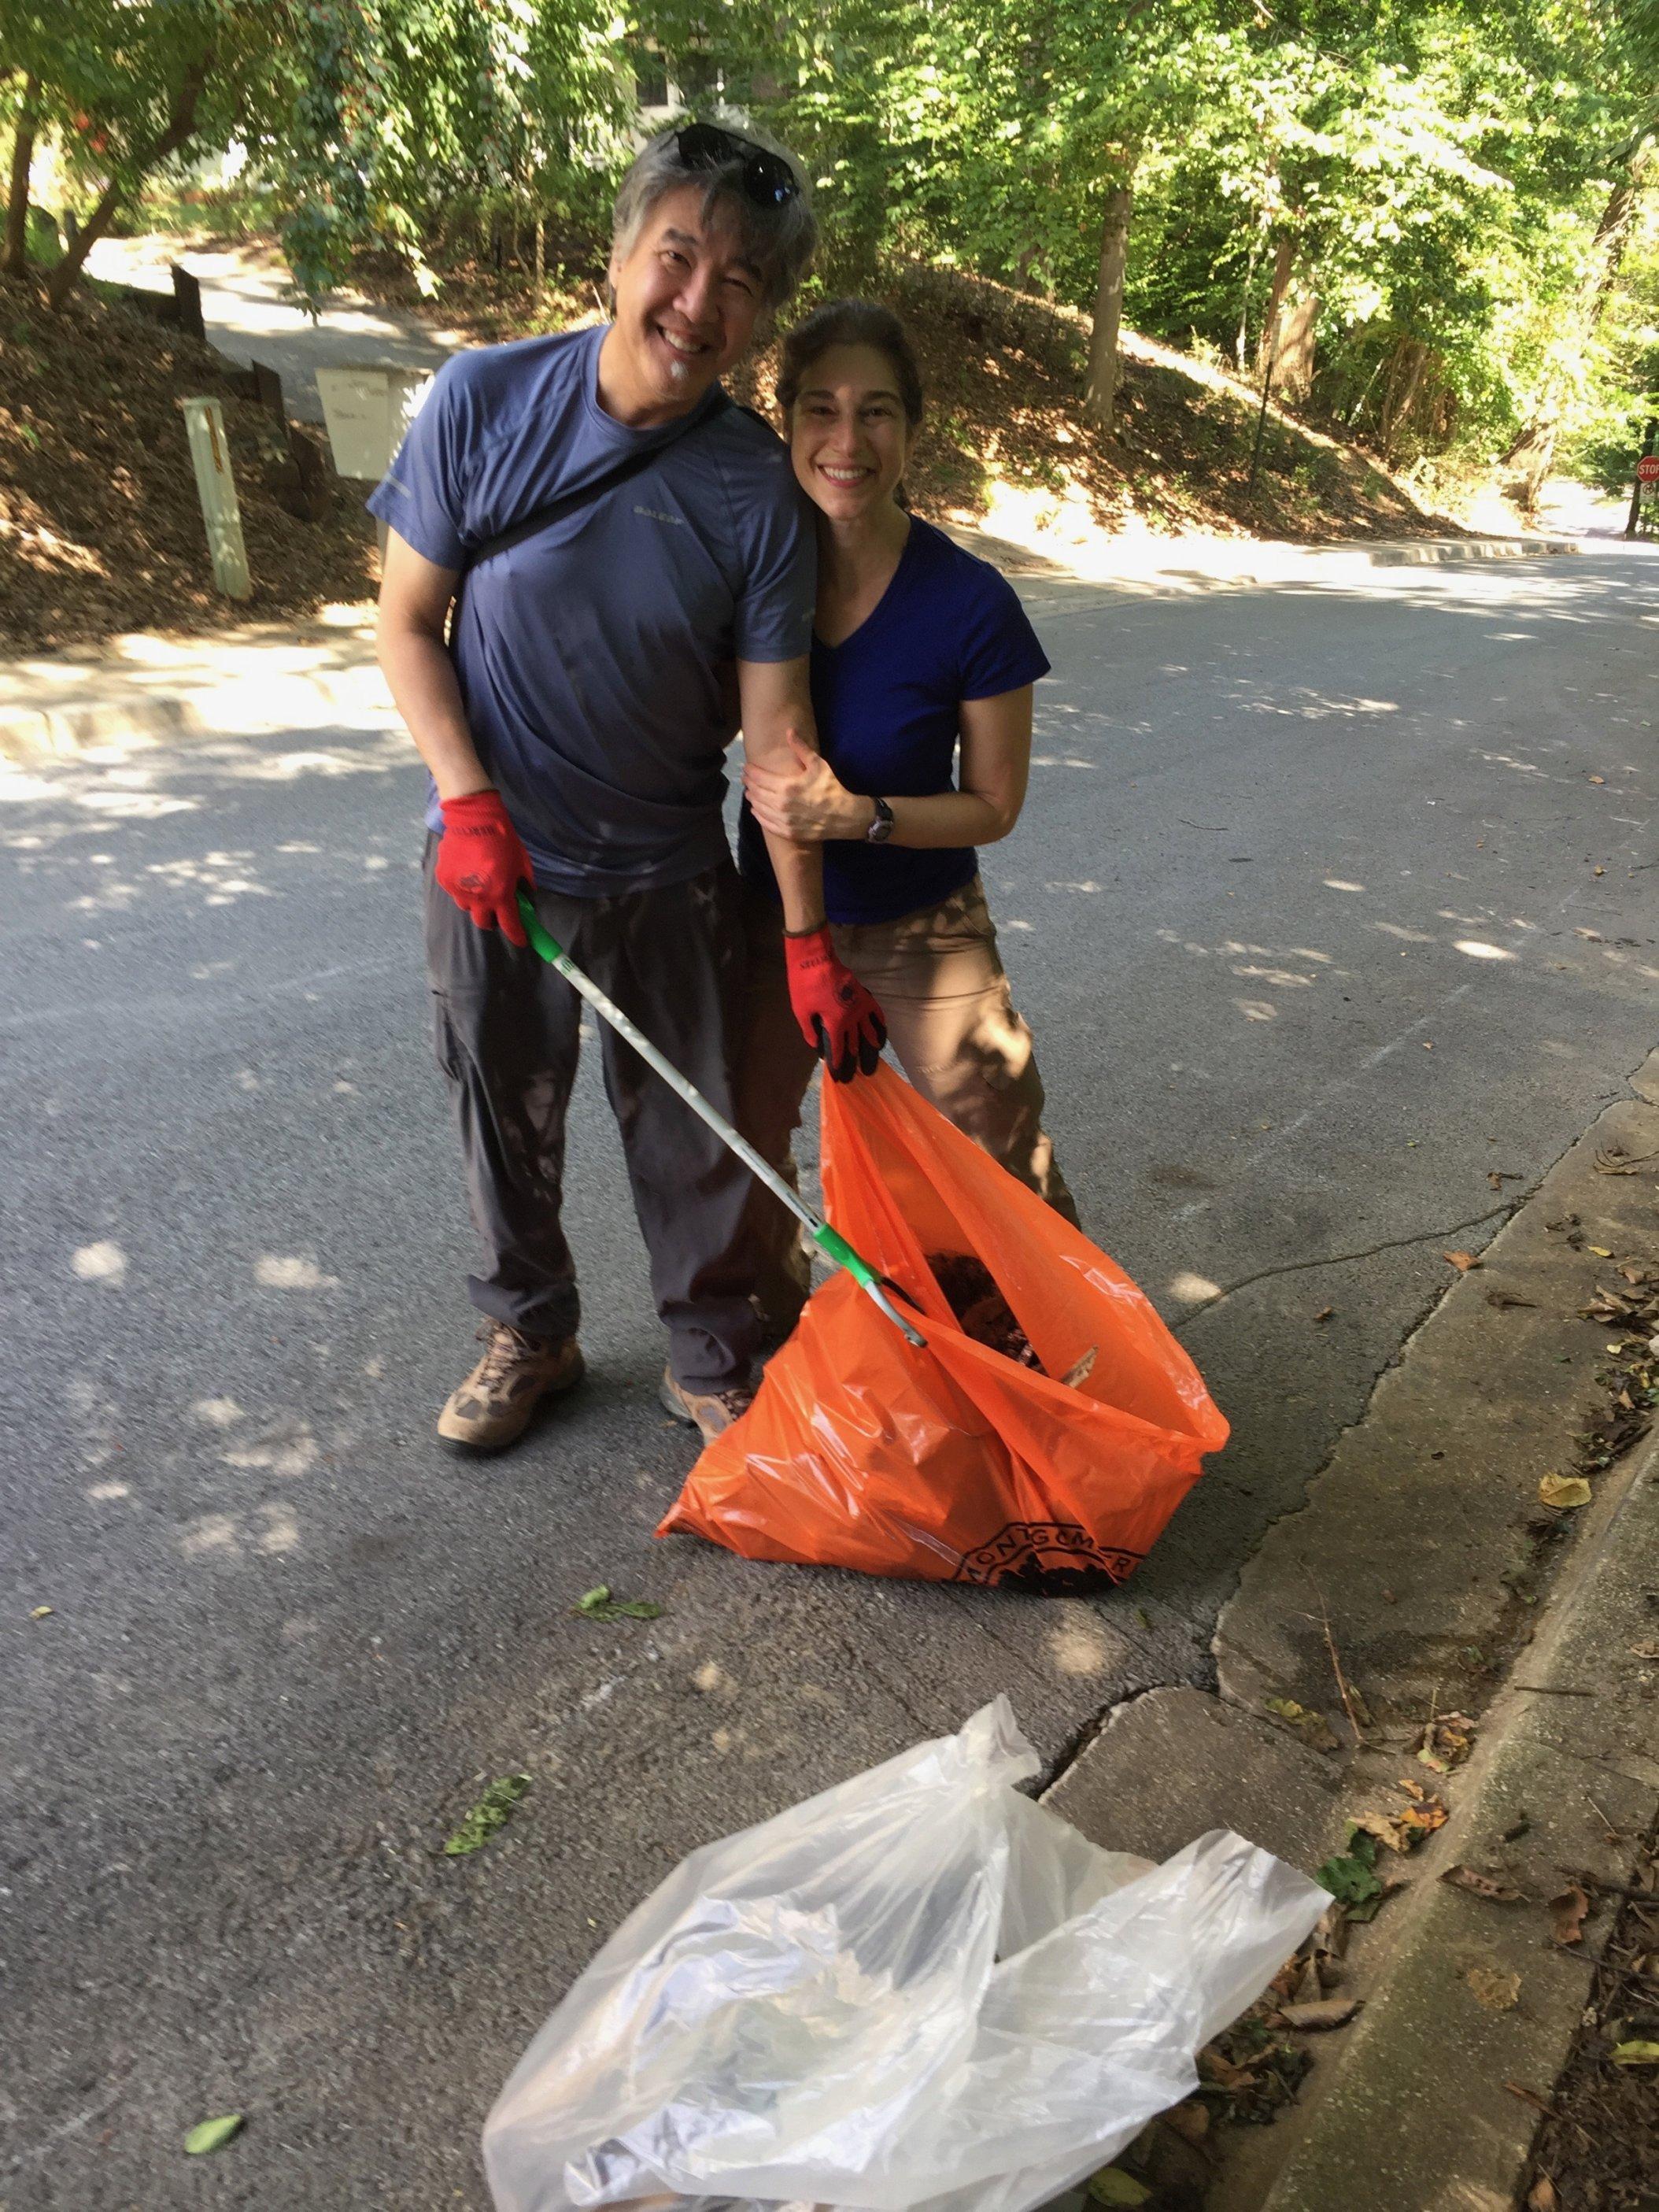 Tuan and Marni Sweep Section 3